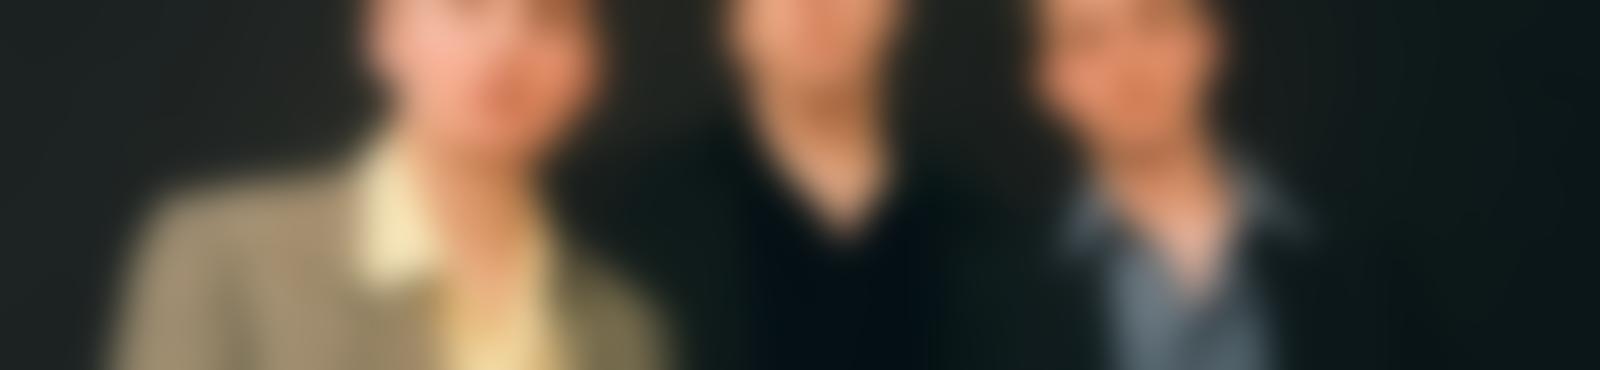 Blurred d6f8c8df 6dcd 41d7 a4b1 f5836033b42d